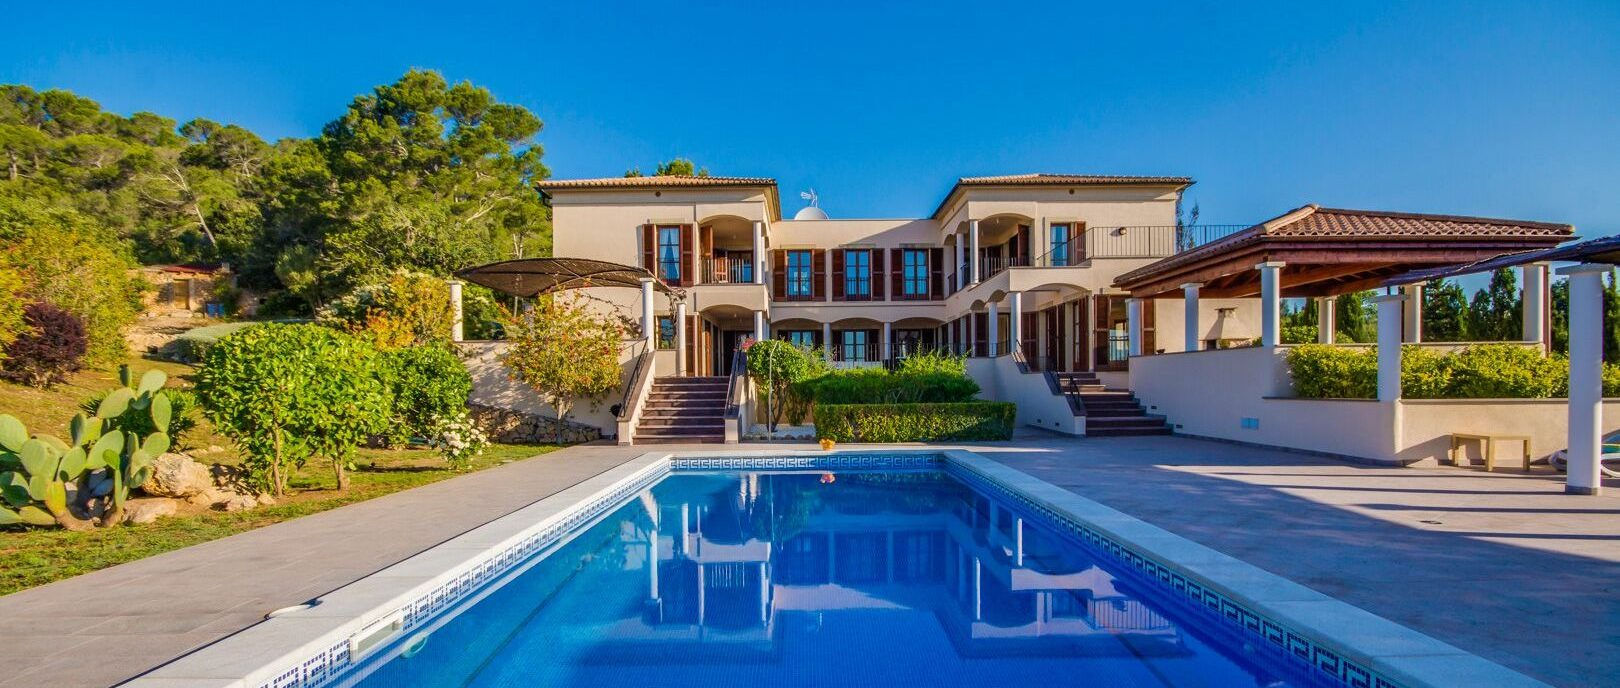 Mallorca-Artà : Großartiges Meerblick-Finca-Anwesen mit Vermietlizenz und 6 Schlafzimmern